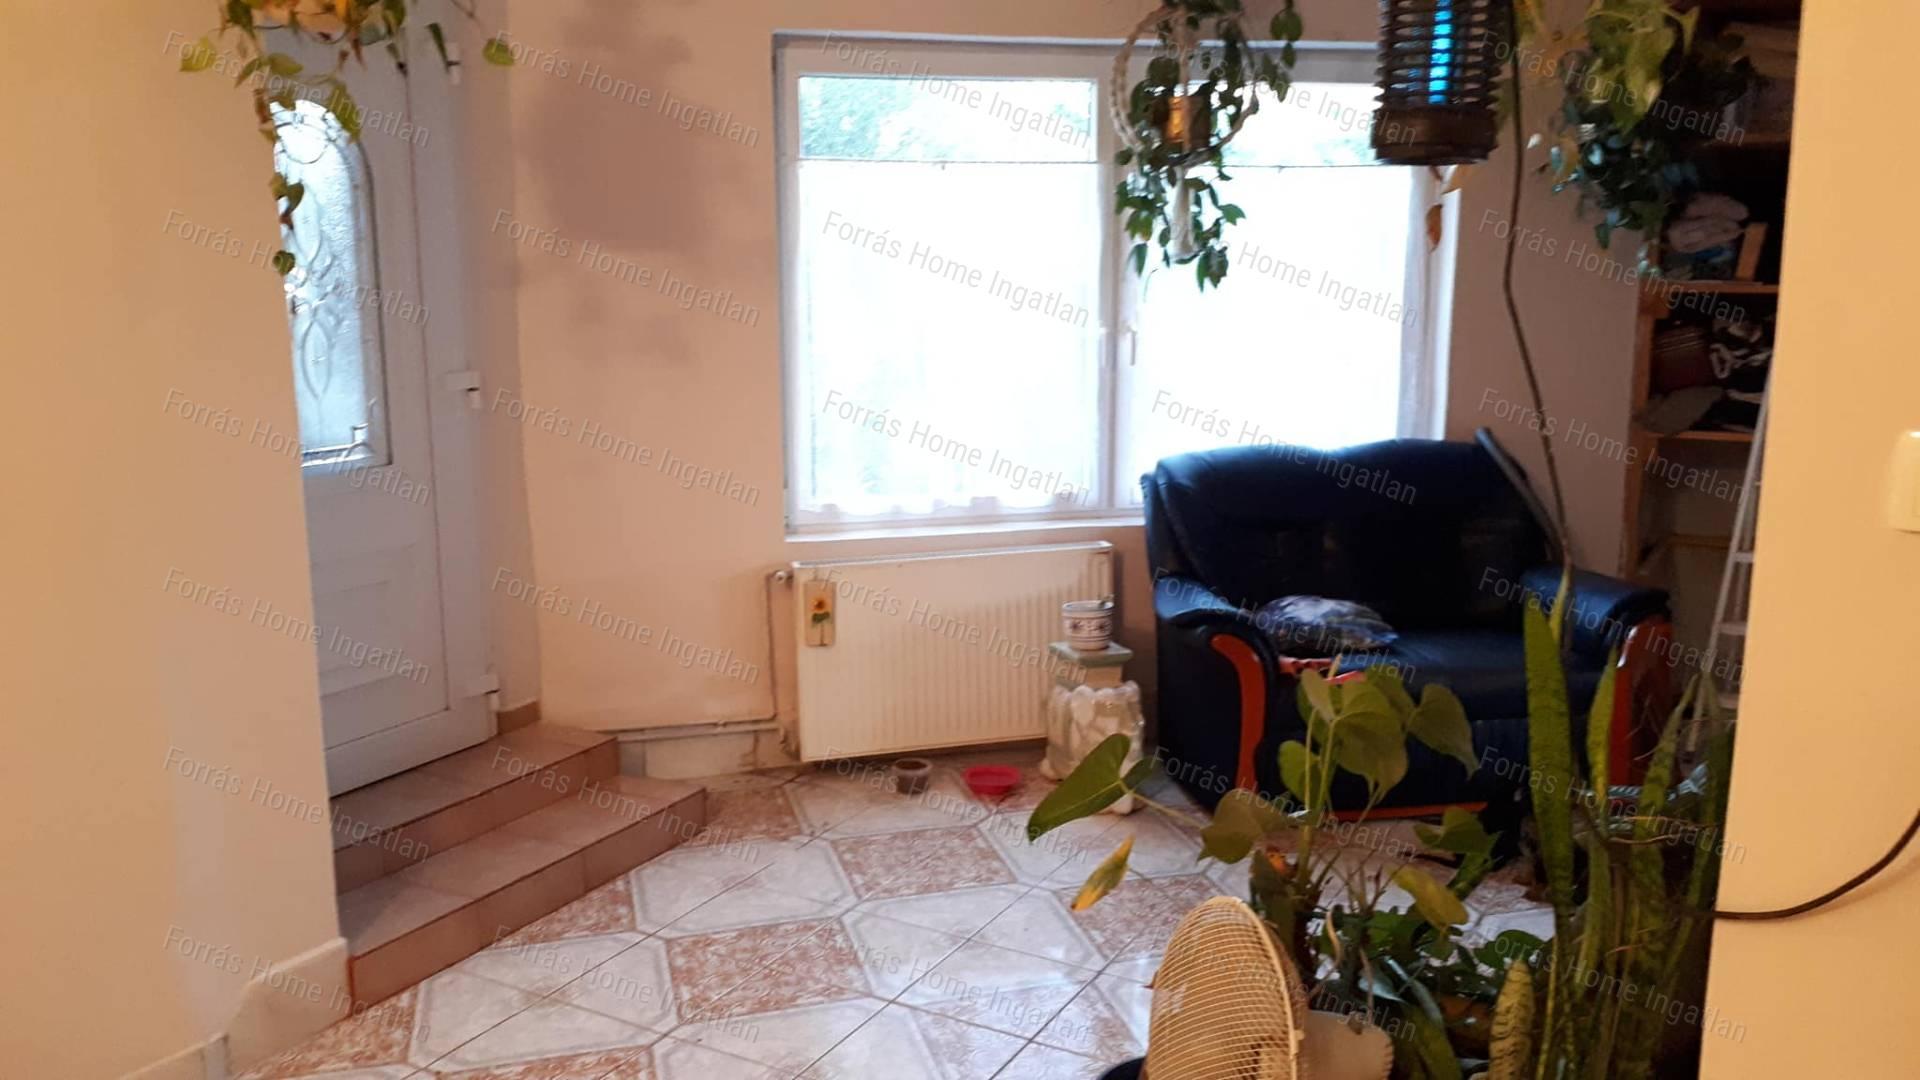 Eladó családi ház, Komárom-Esztergom megye, Tata (Tata) - sz.: 173900070 - CasaNetWork.hu